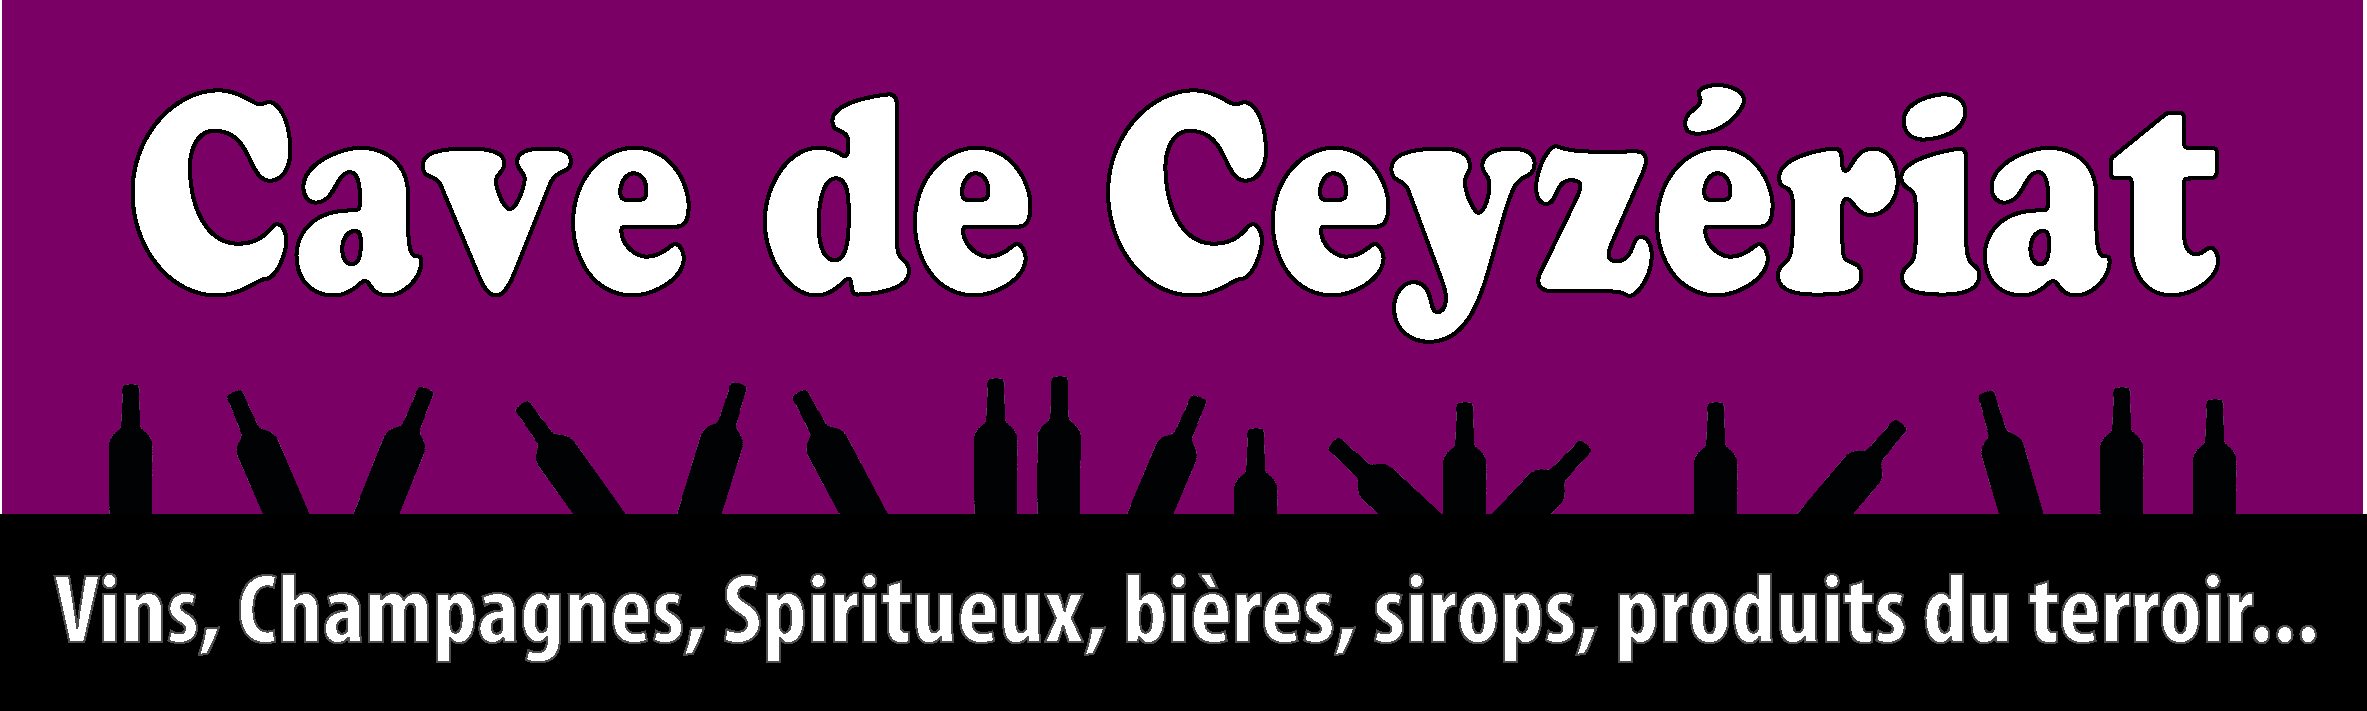 Cave de Ceyzeriat  Votre Caviste Près de Bourg en Bresse